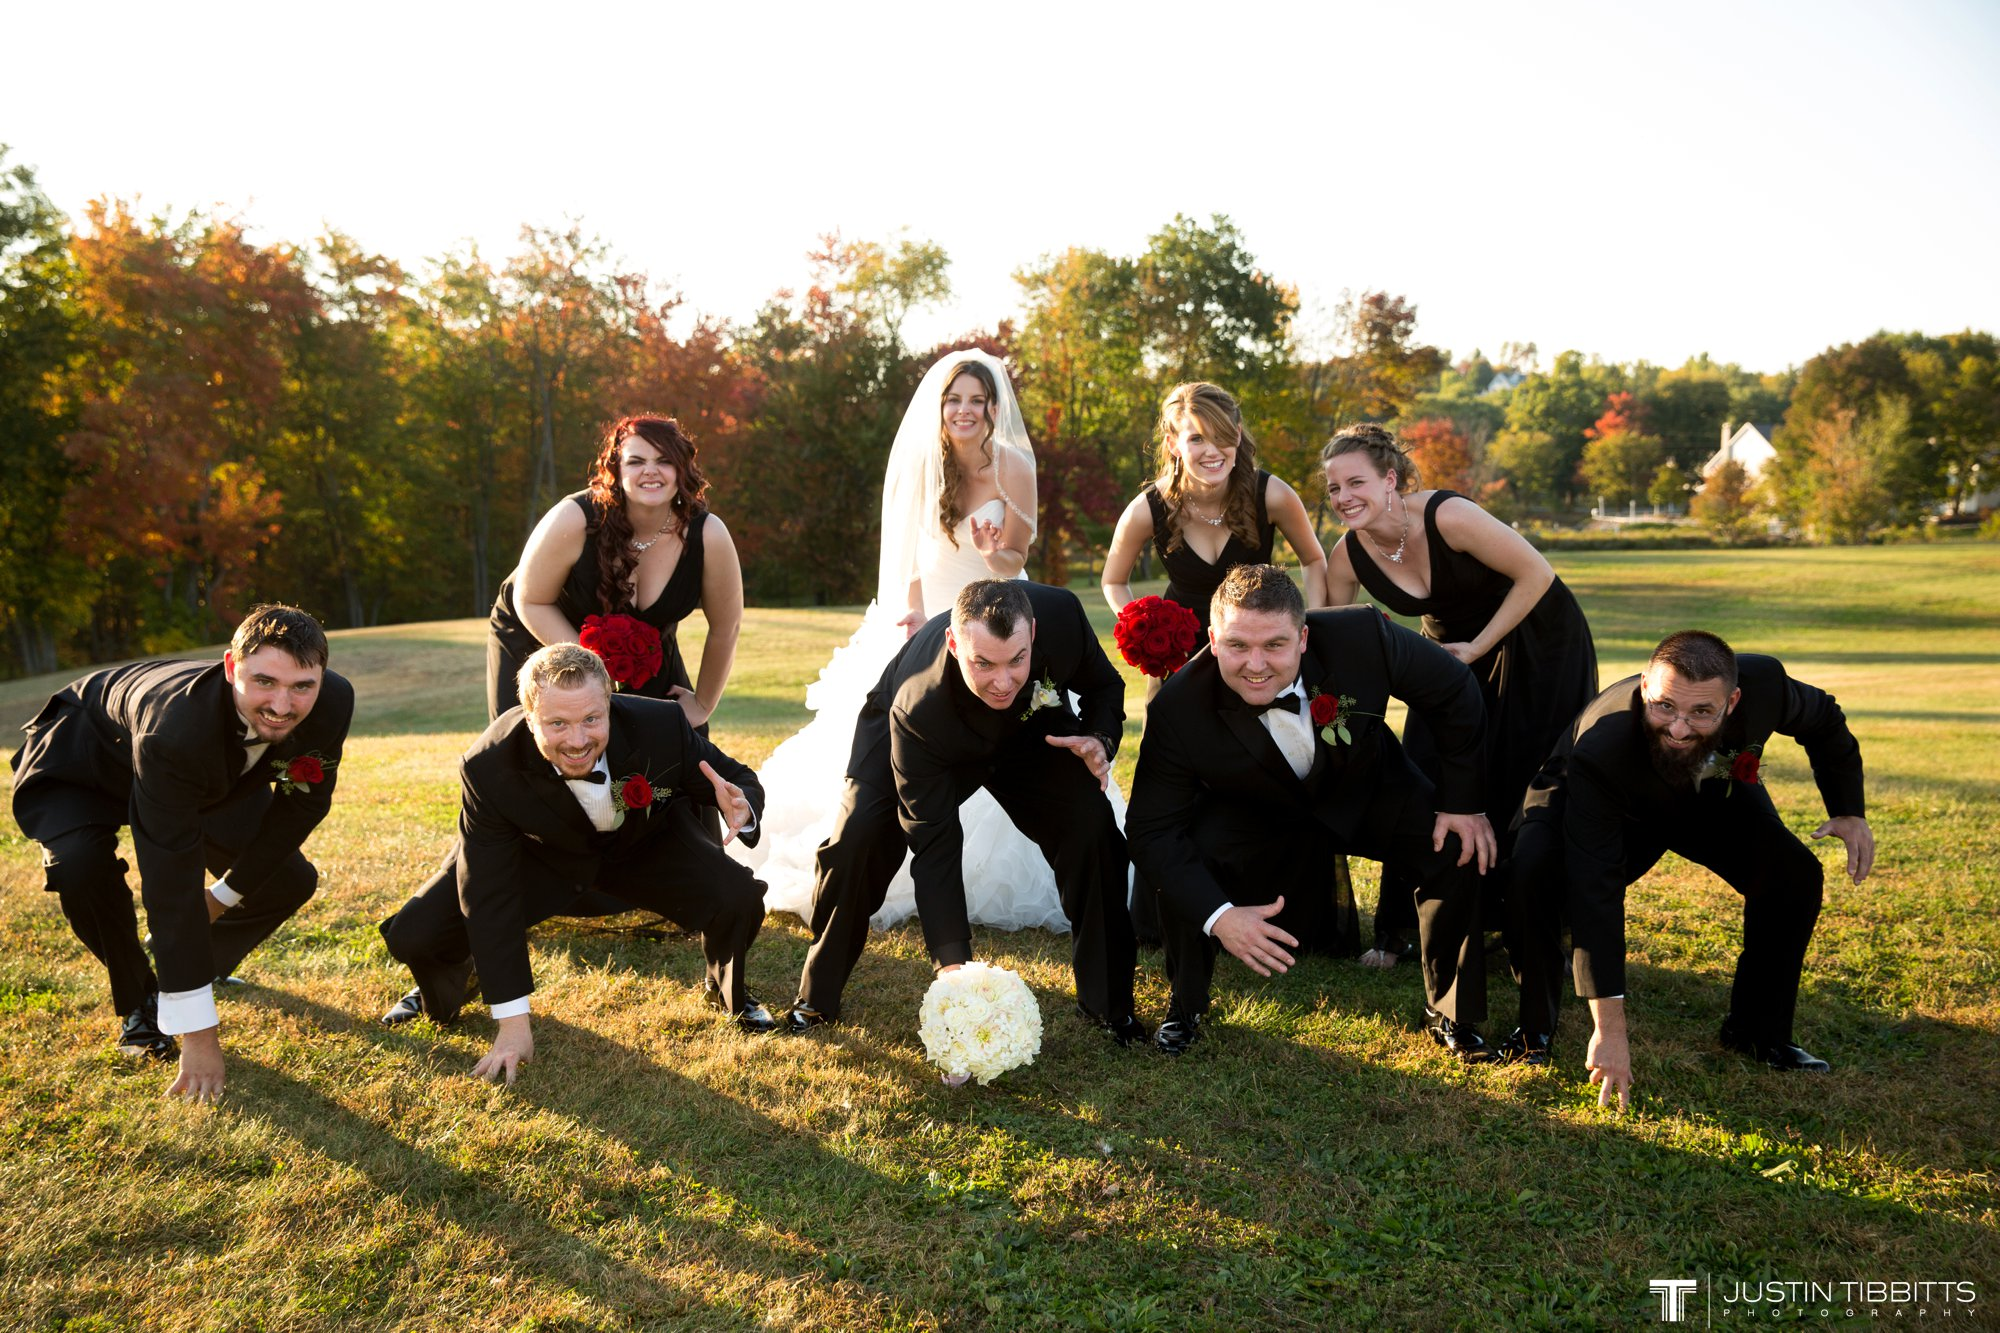 Albany NY Wedding Photographer Justin Tibbitts Photography 2014 Best of Albany NY Weddings-1843391